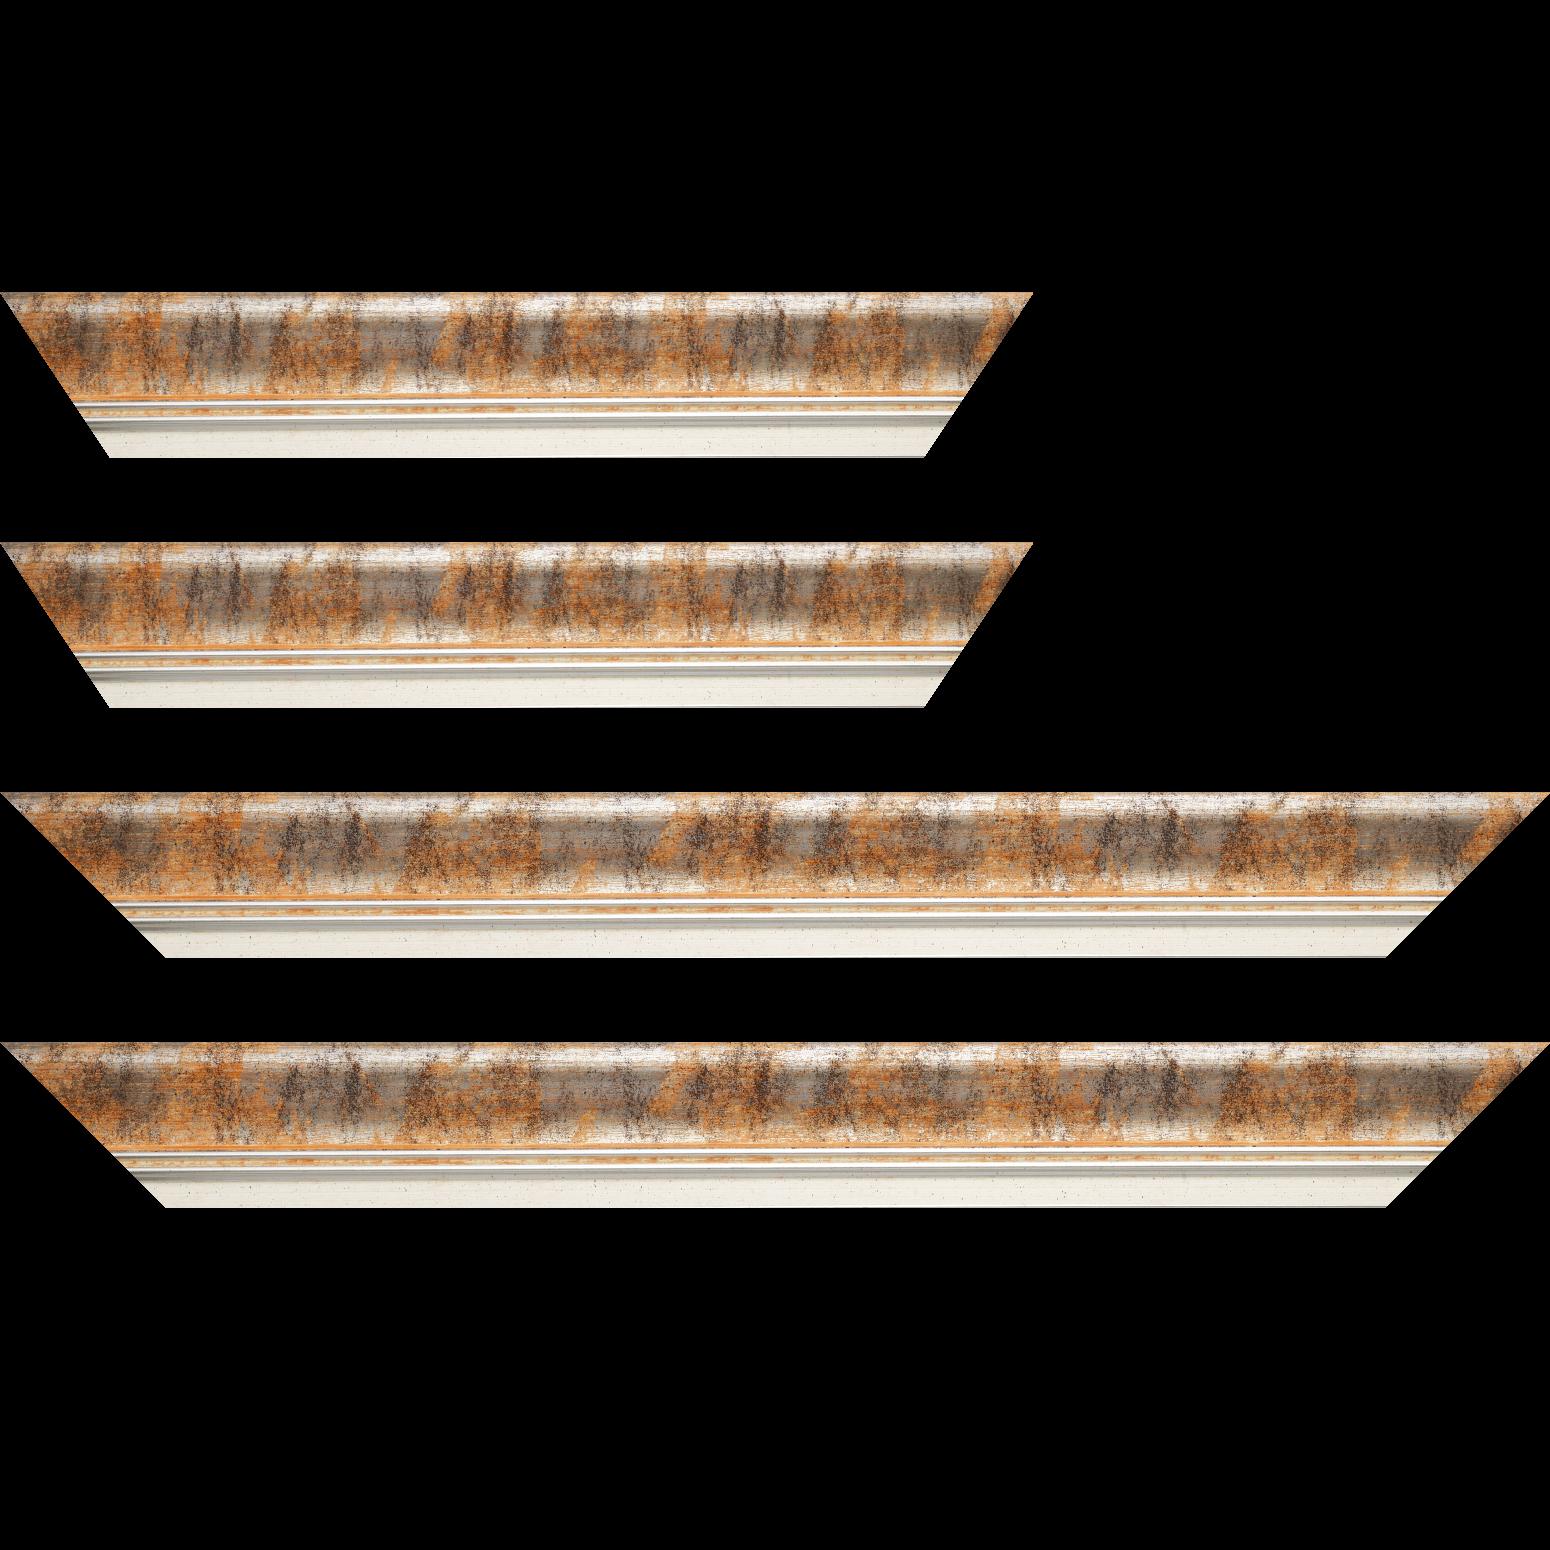 Baguette service précoupé Bois profil incurvé largeur 5.7cm de couleur orange fond argent marie louise blanche mouchetée filet argent intégré